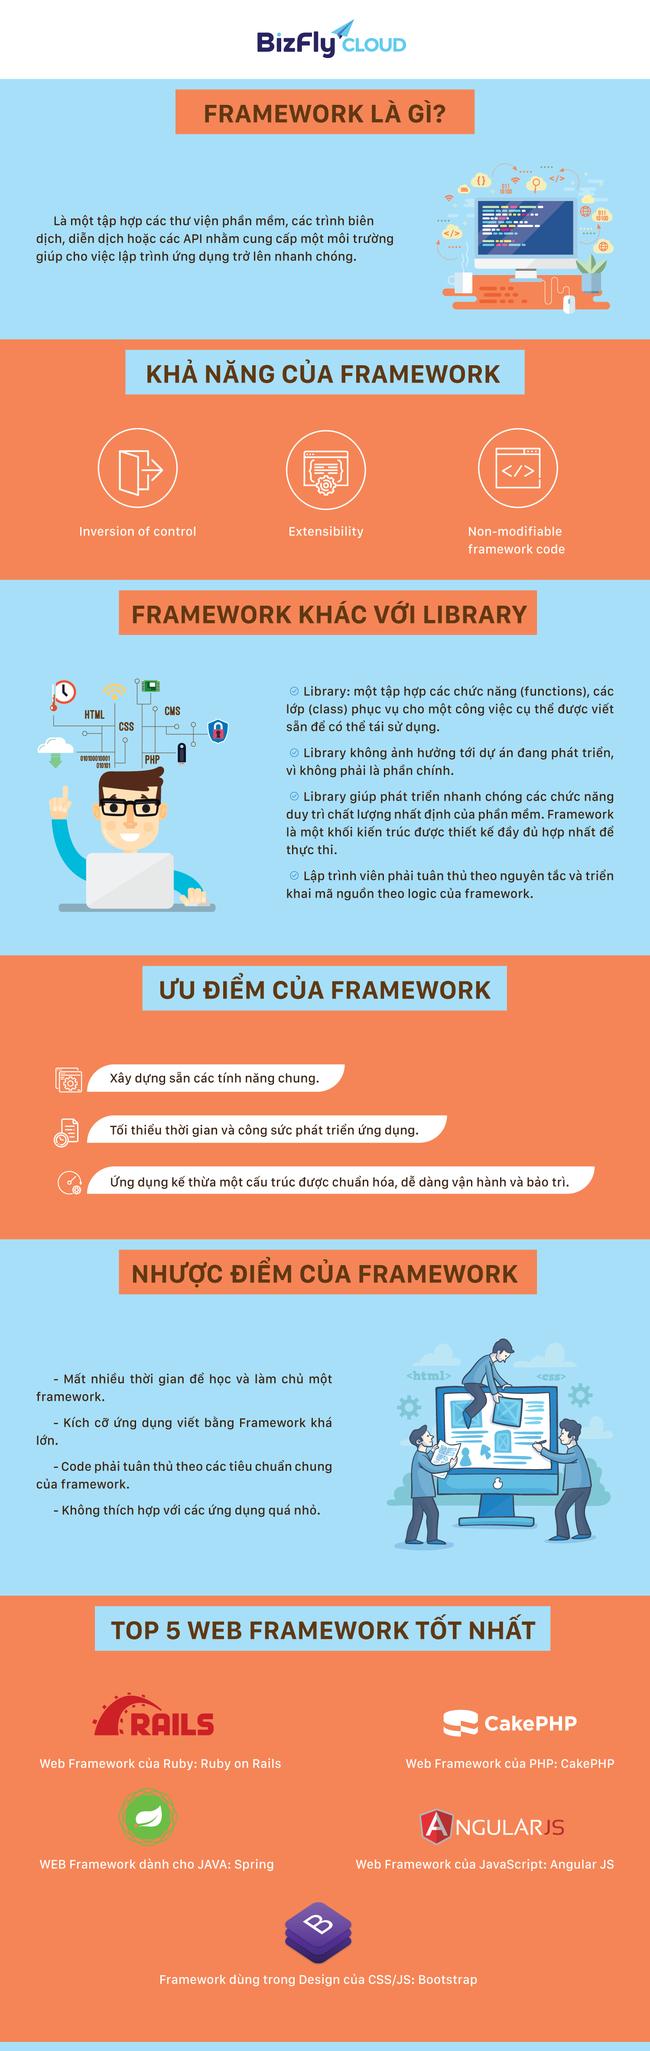 [Infographic] Framework là gì? - Ảnh 1.